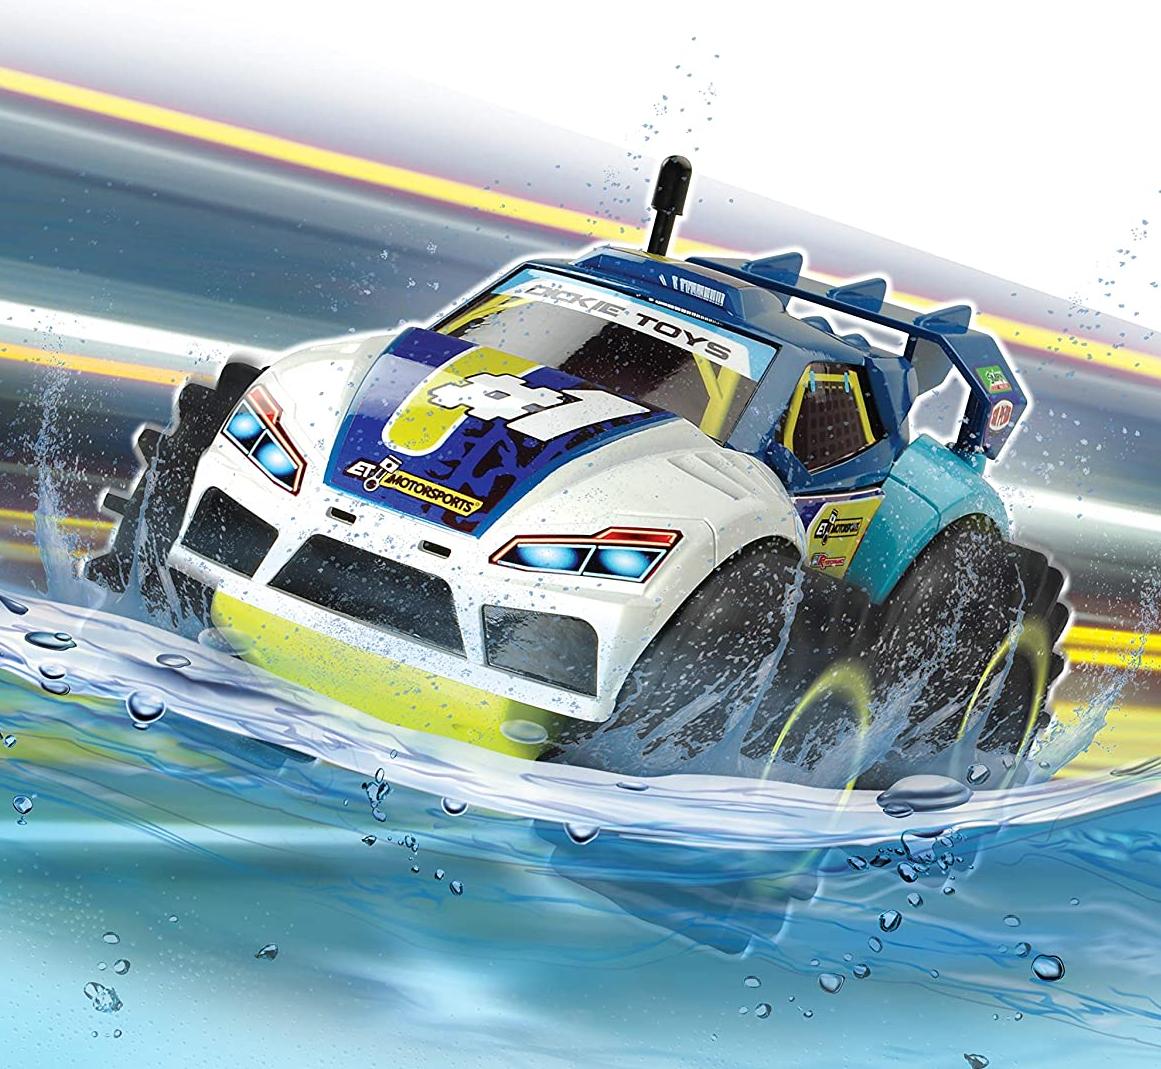 Amphy Rider - Samochód zdalnie sterowany @Empik / Funkcja amfibii, 4x4, obrót 360°